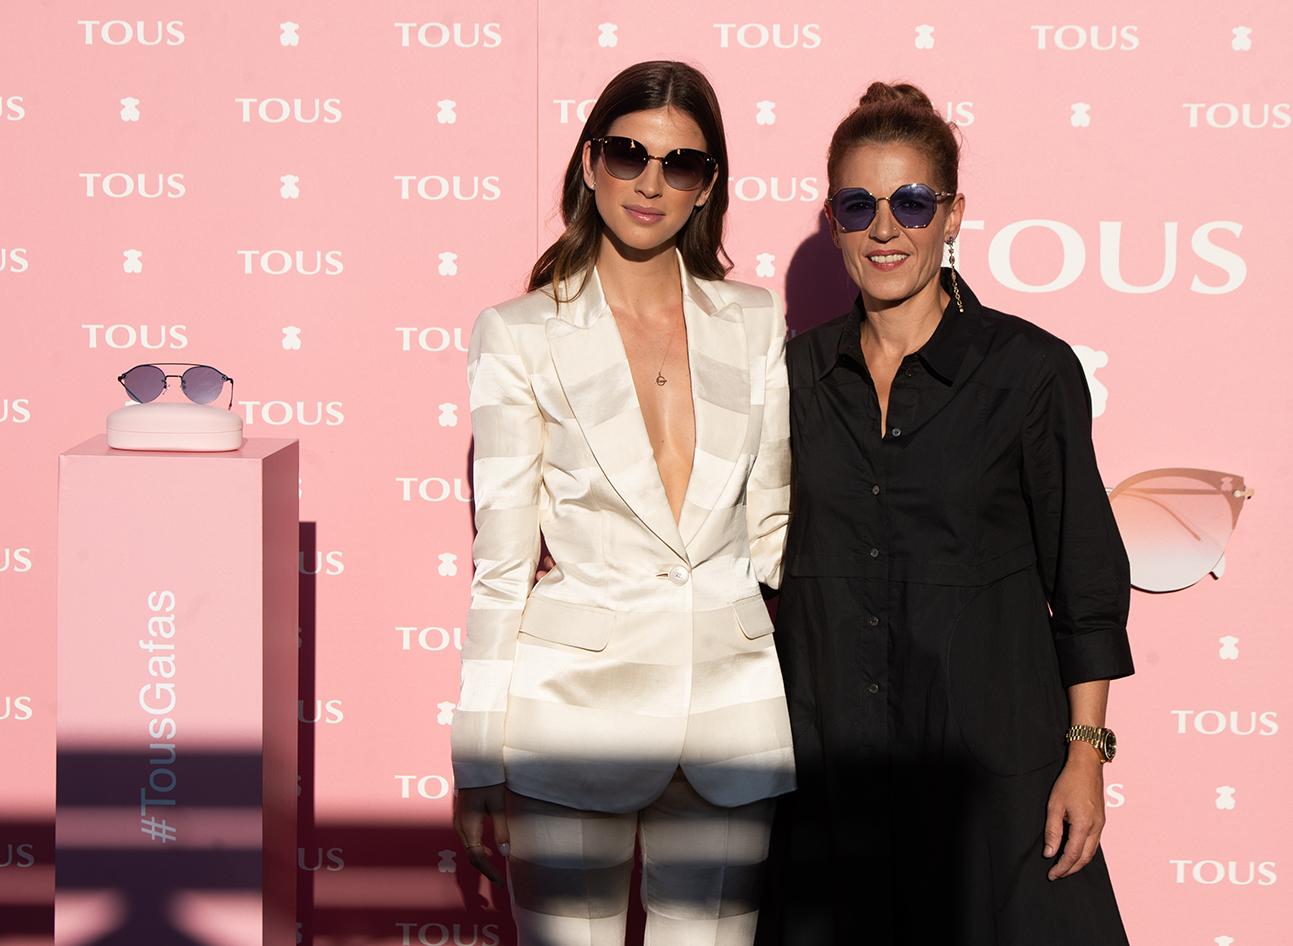 La modeloSandra Gagoamadrina el lanzamiento dela nueva gafa para el verano deTOUS